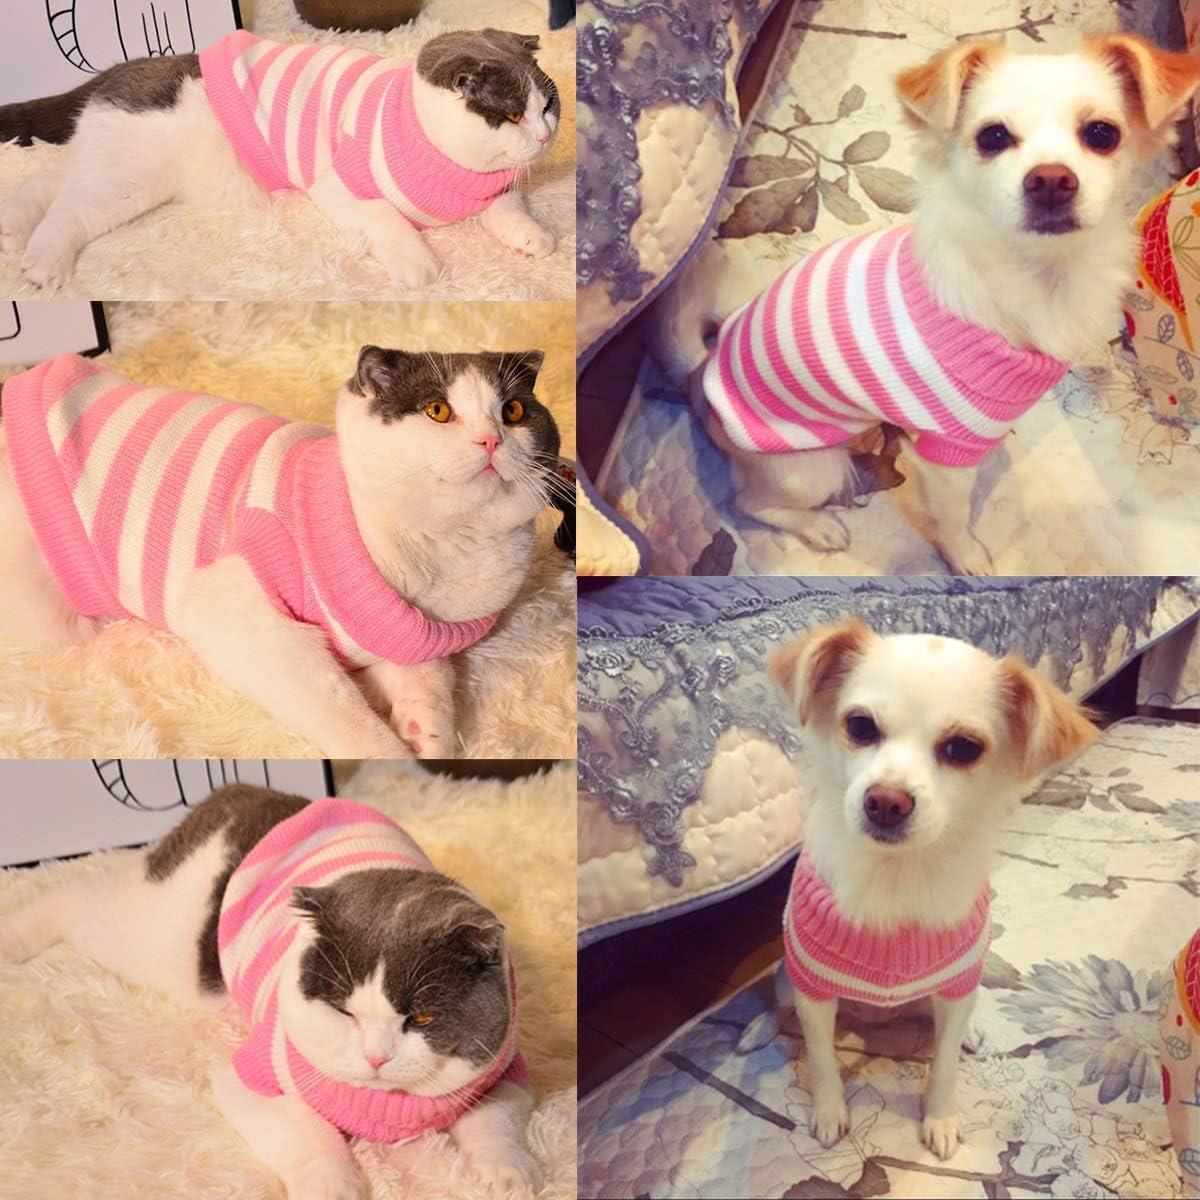 cani chihuahua Maglione per gatti carlini maglione invernale elastico e comodo per piccoli gatti